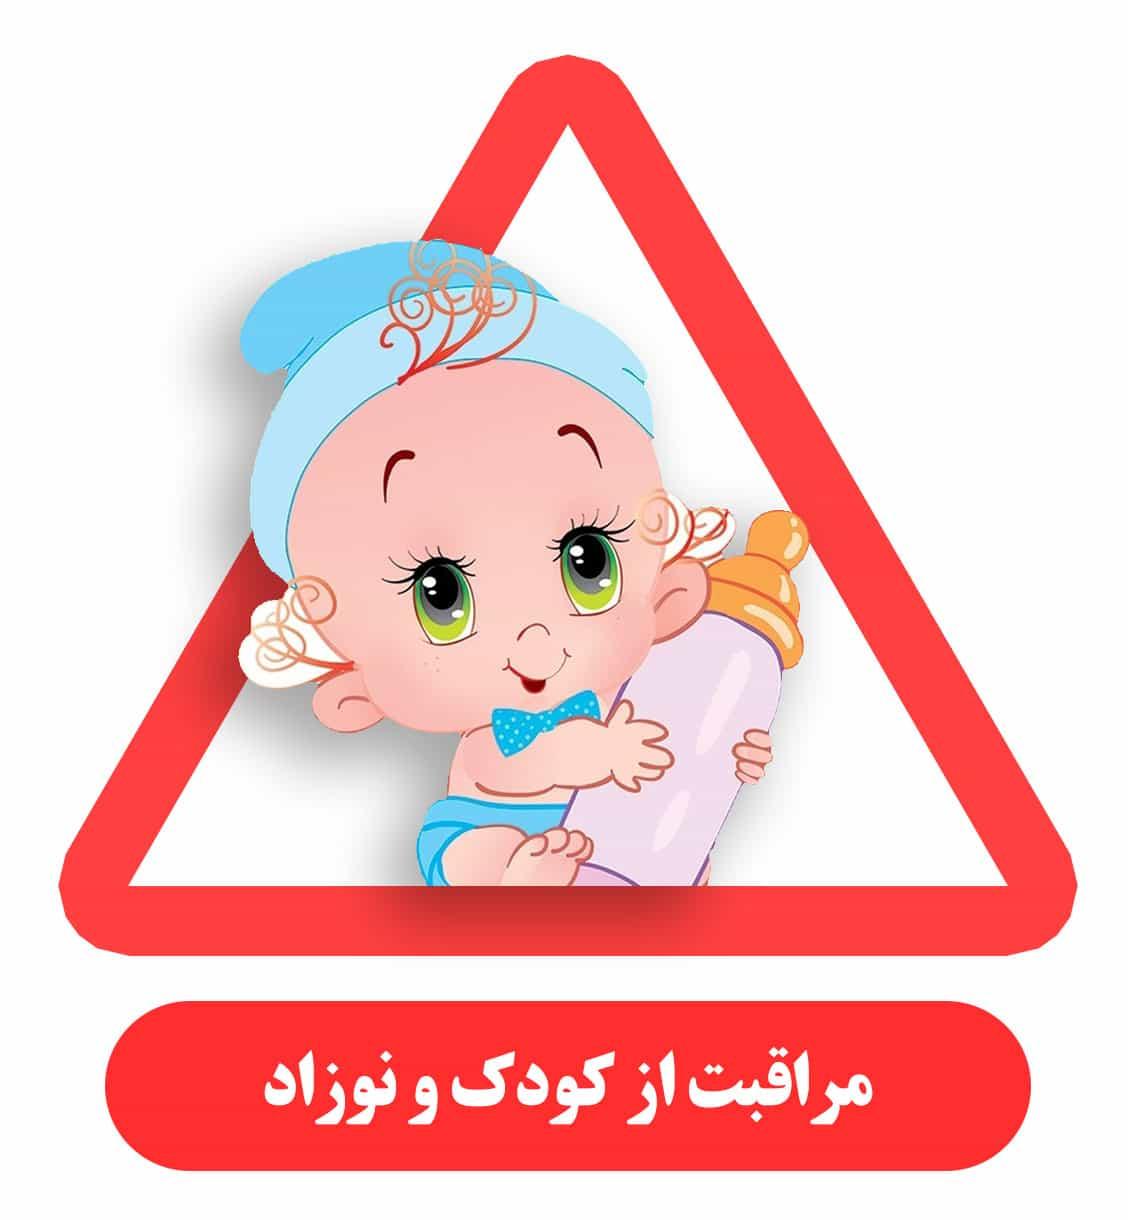 مراقبت از نوزاد و کودک